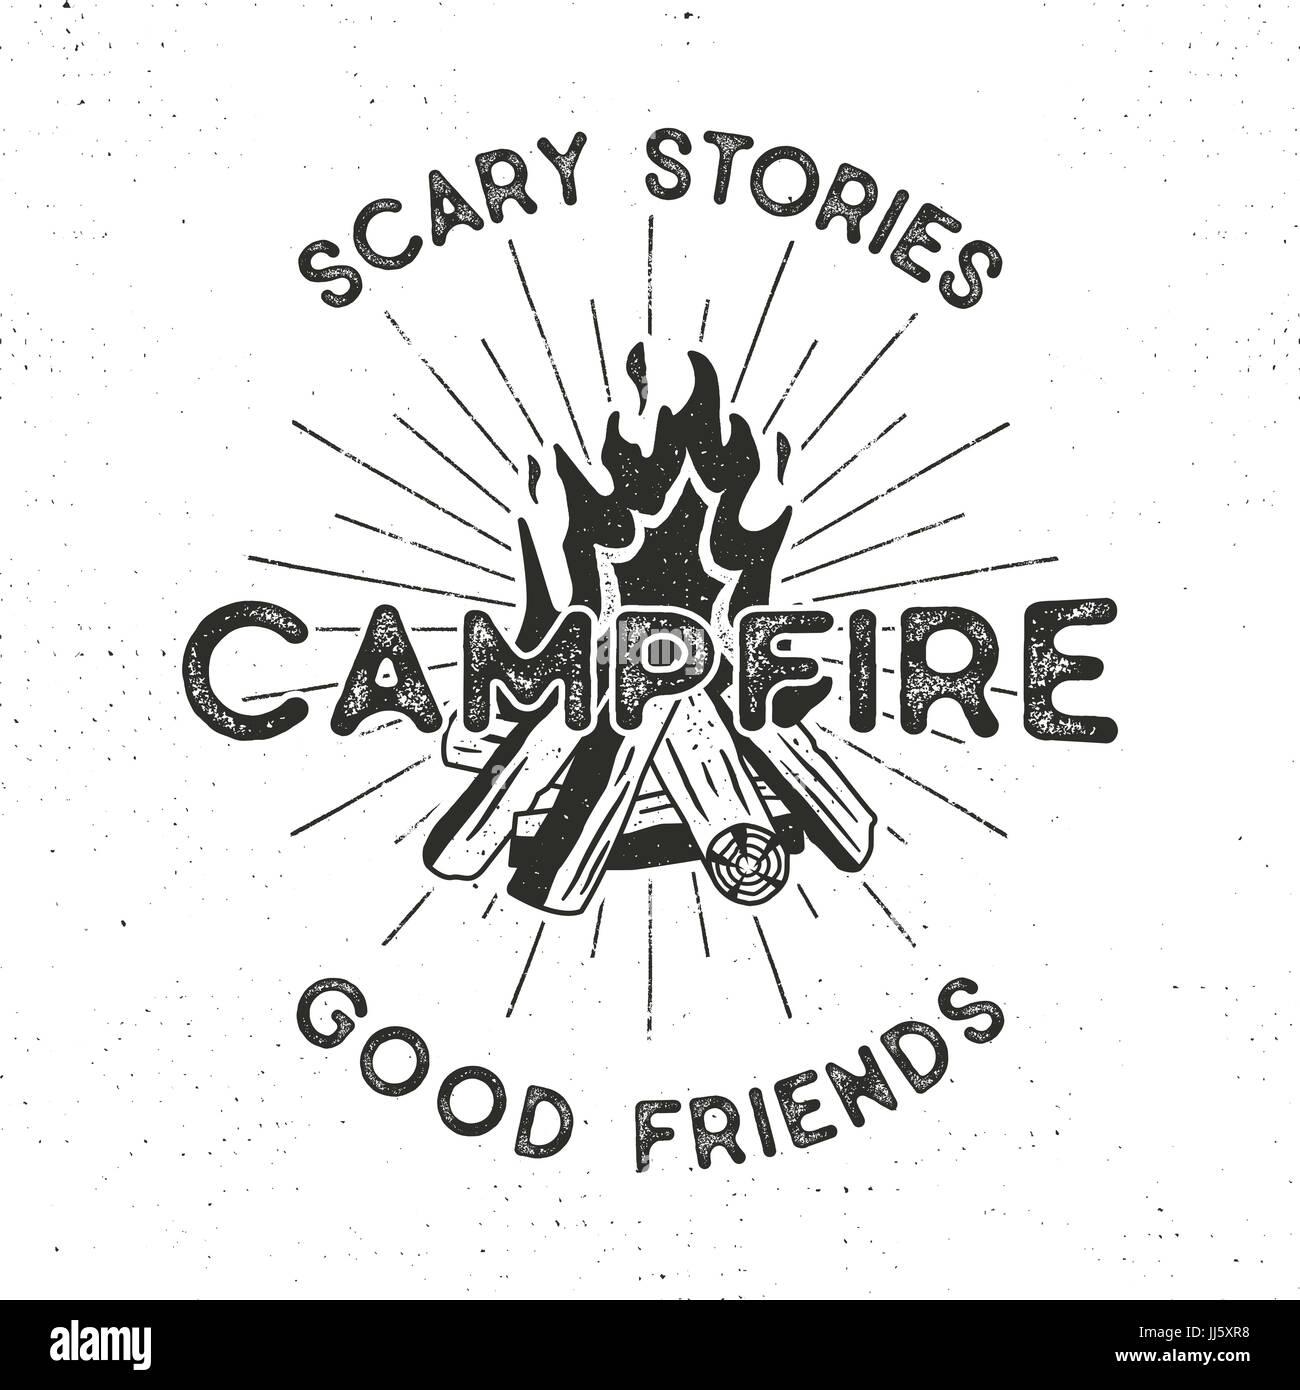 19edb3490755 Camping t-shirt design. Disegnato a mano etichetta vintage con testi